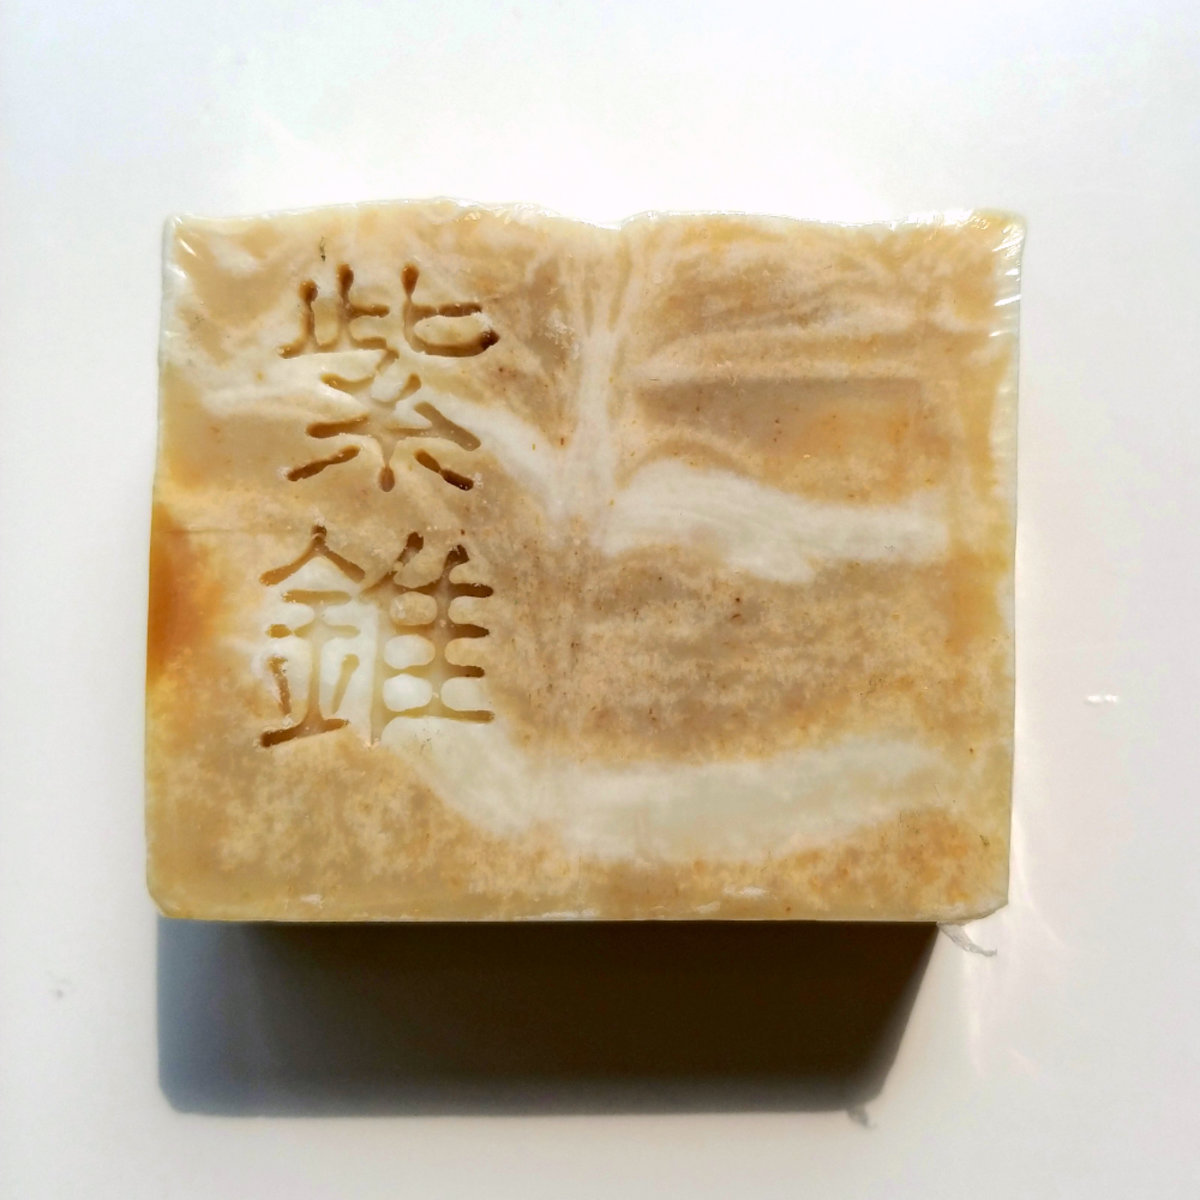 紫錐花沐浴梘 - 深層消炎, 平衡油脂分泌, 中藥使用, 手工皂, 有意義